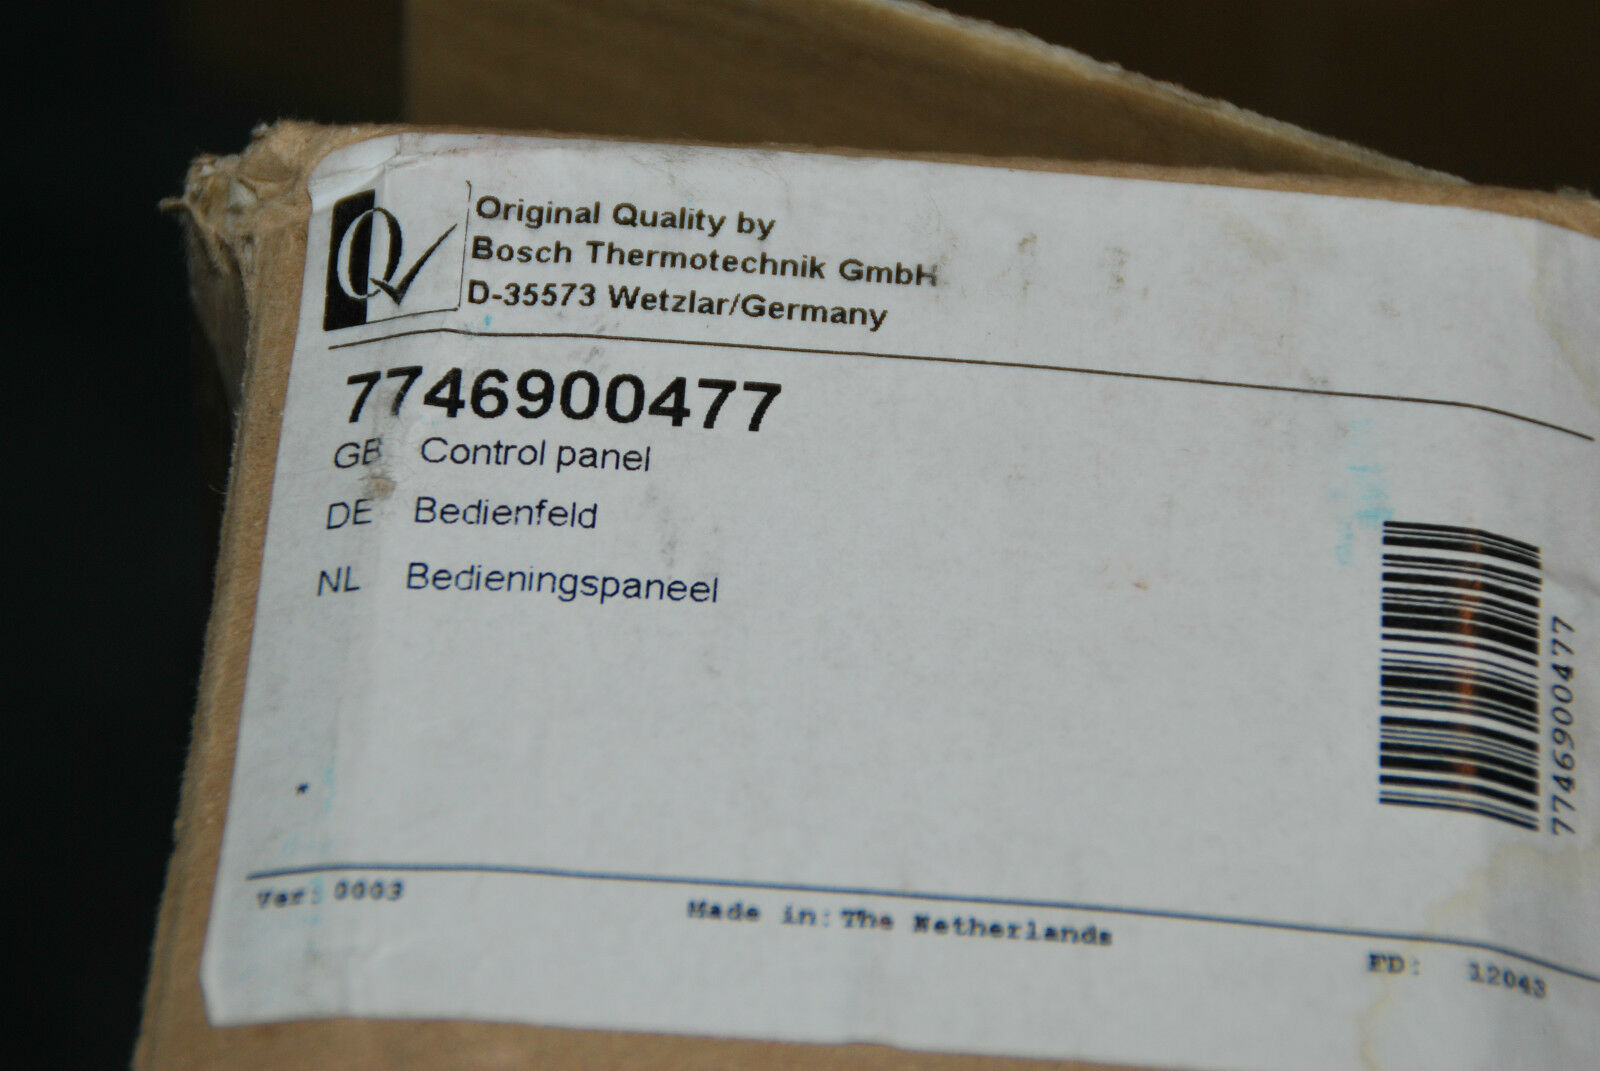 BOSCH NEFIT 7746900477 BEDIENFELD PROLINE BEDIENINGSPANEEL NEU